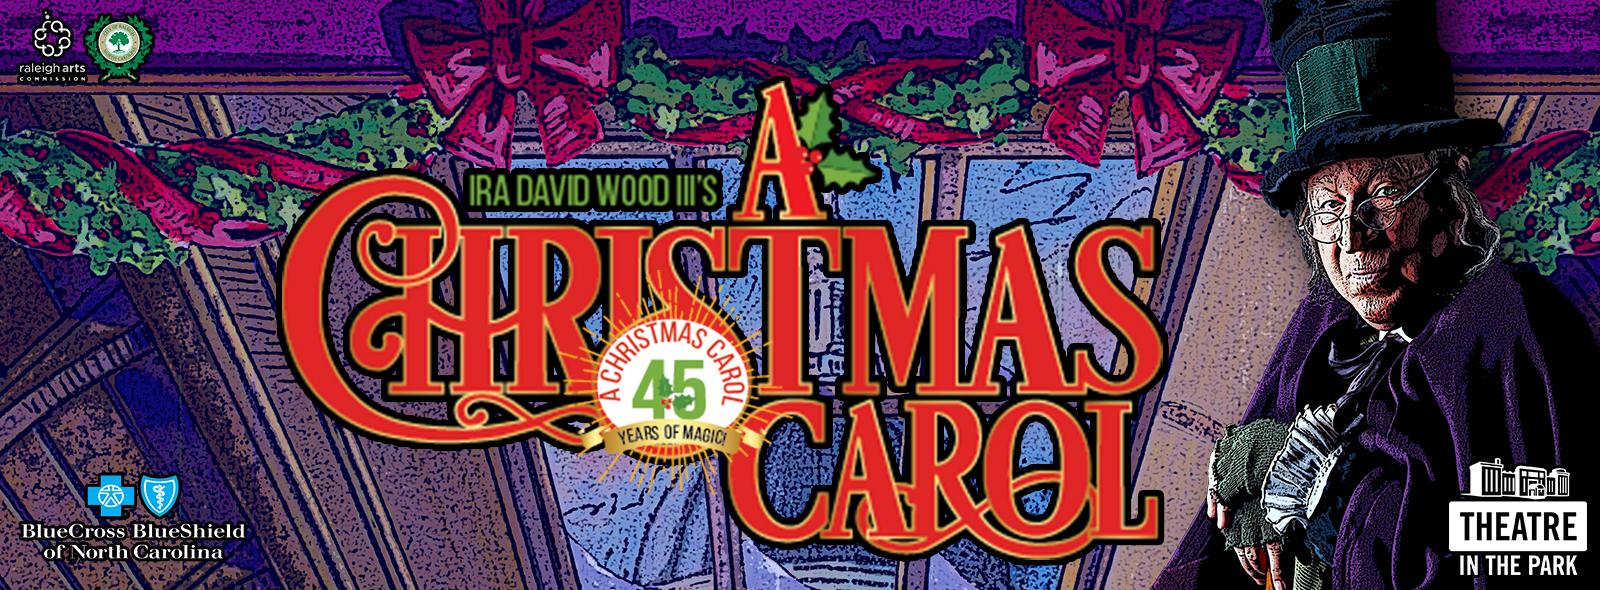 Ira David Wood Christmas Carol 2021 A Christmas Carol 2019